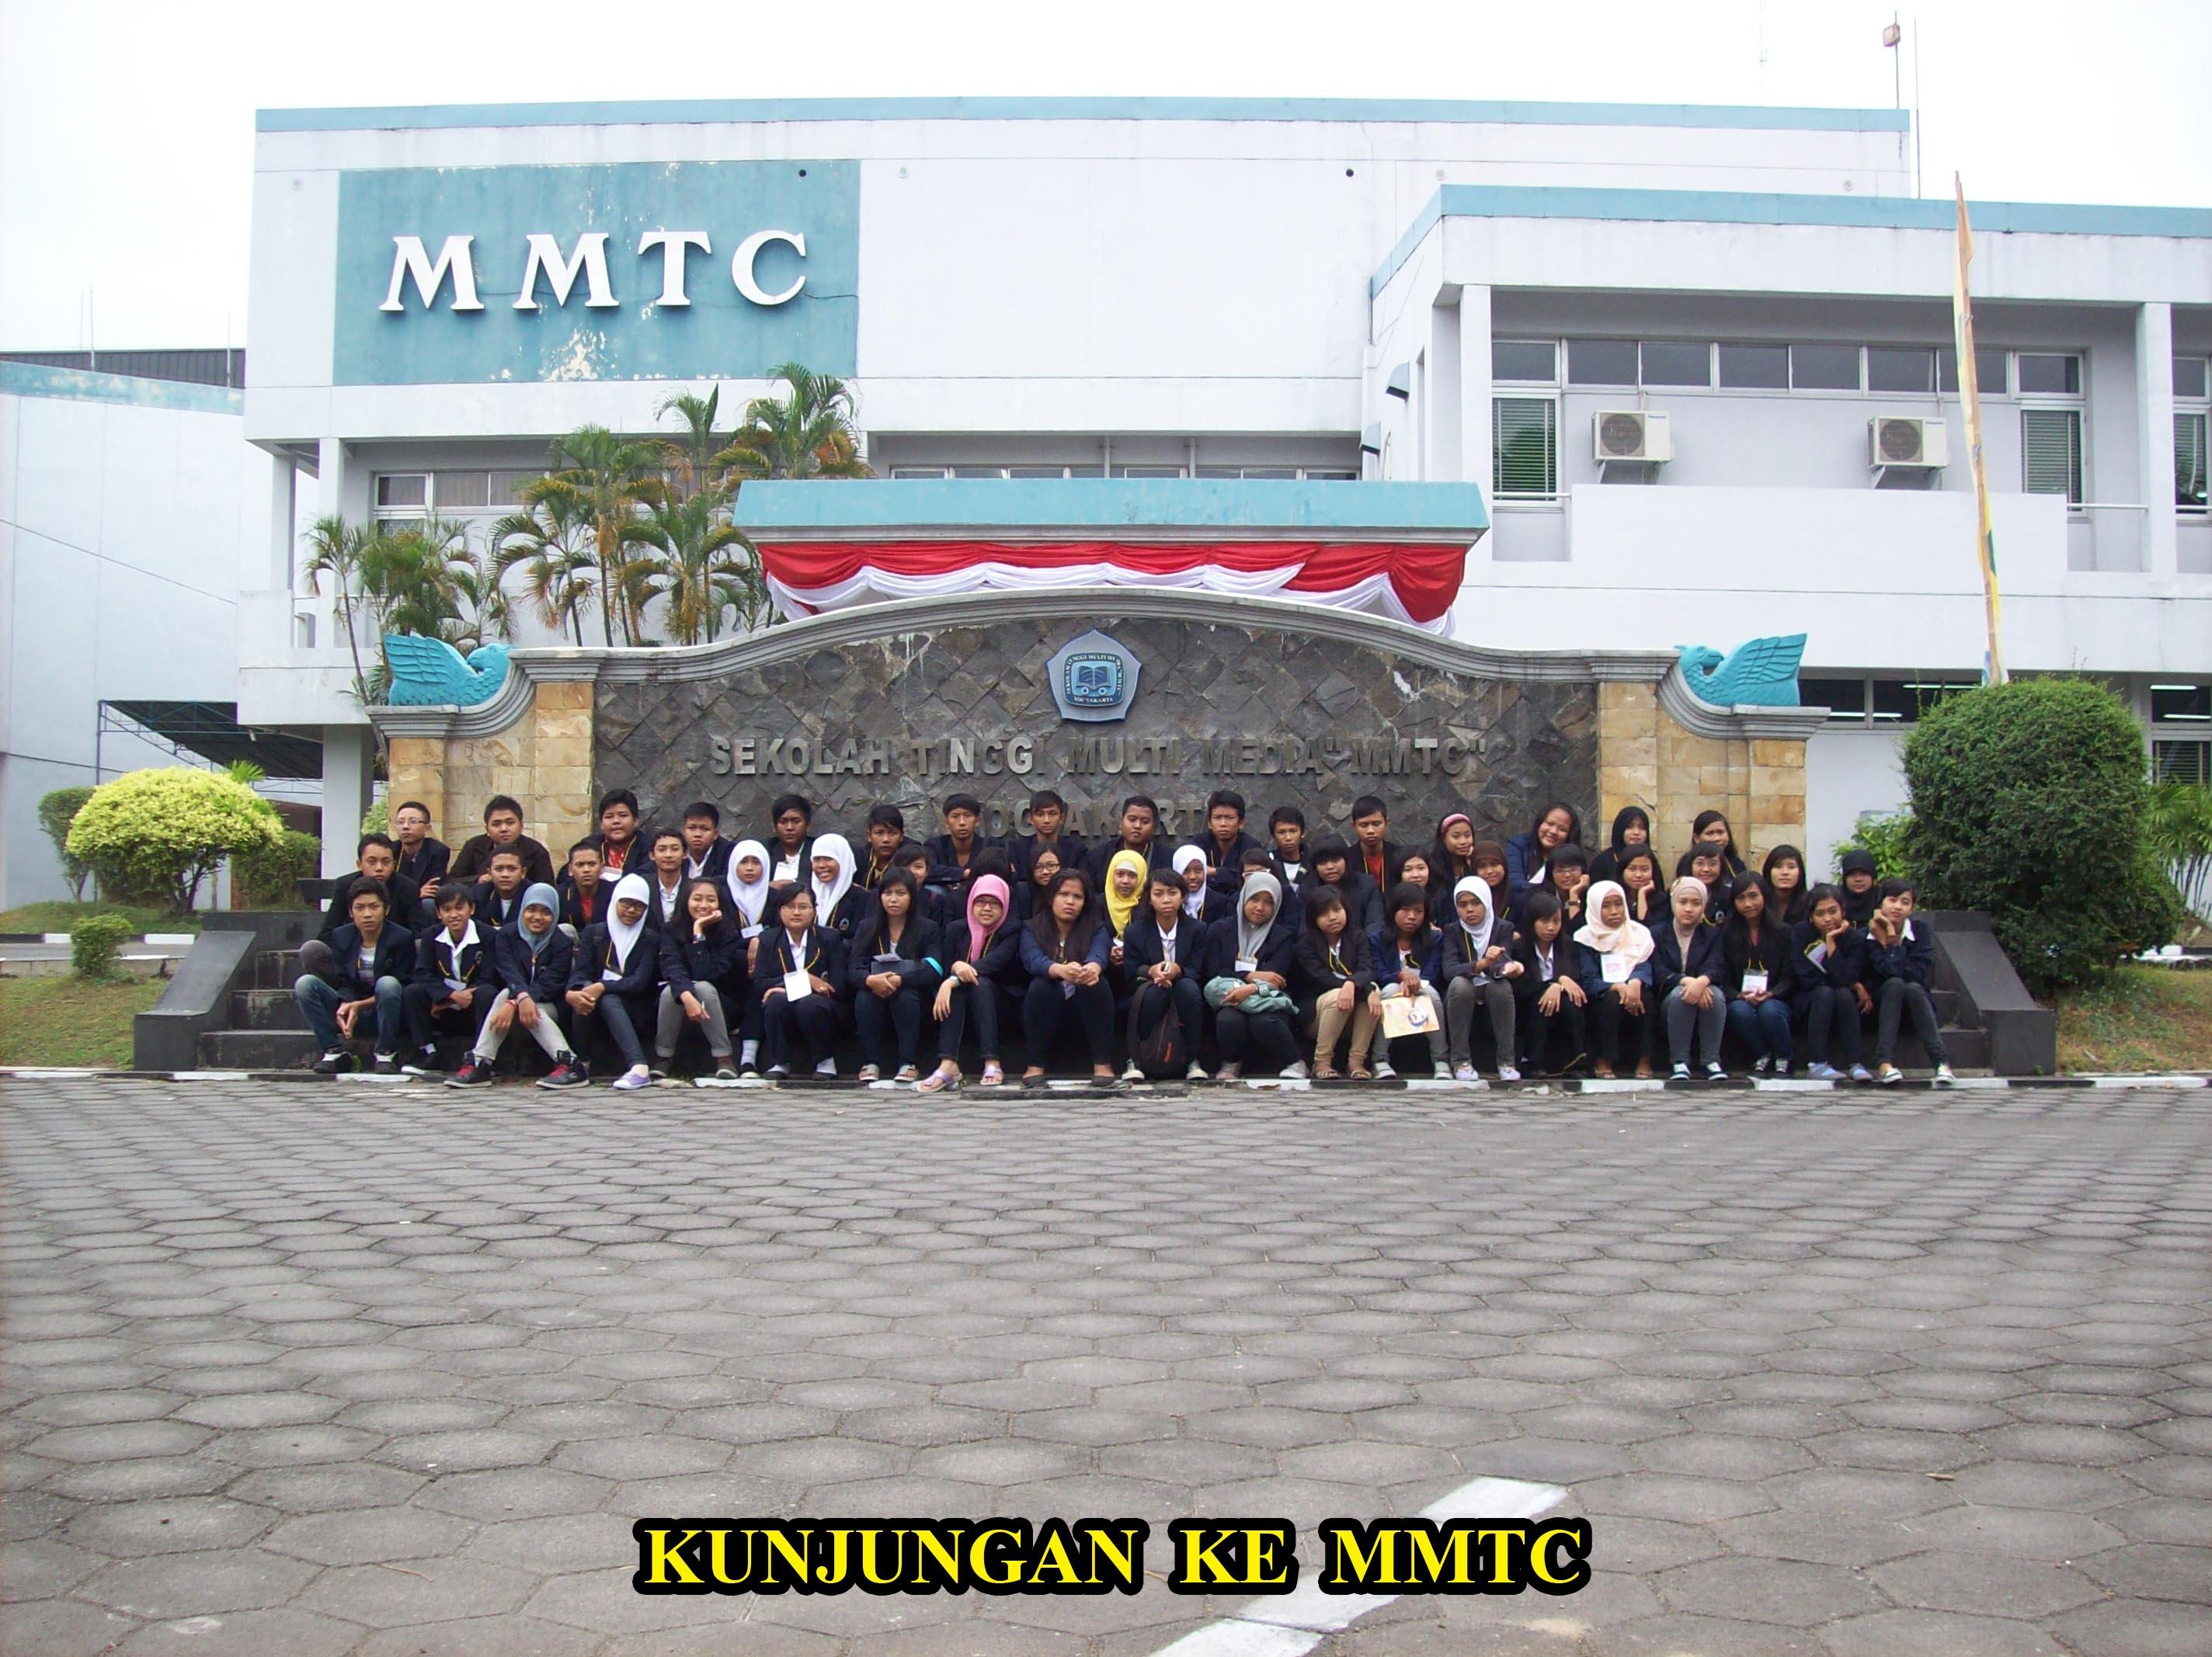 Kursus Komputer Surabaya - Kunjungan ITTE